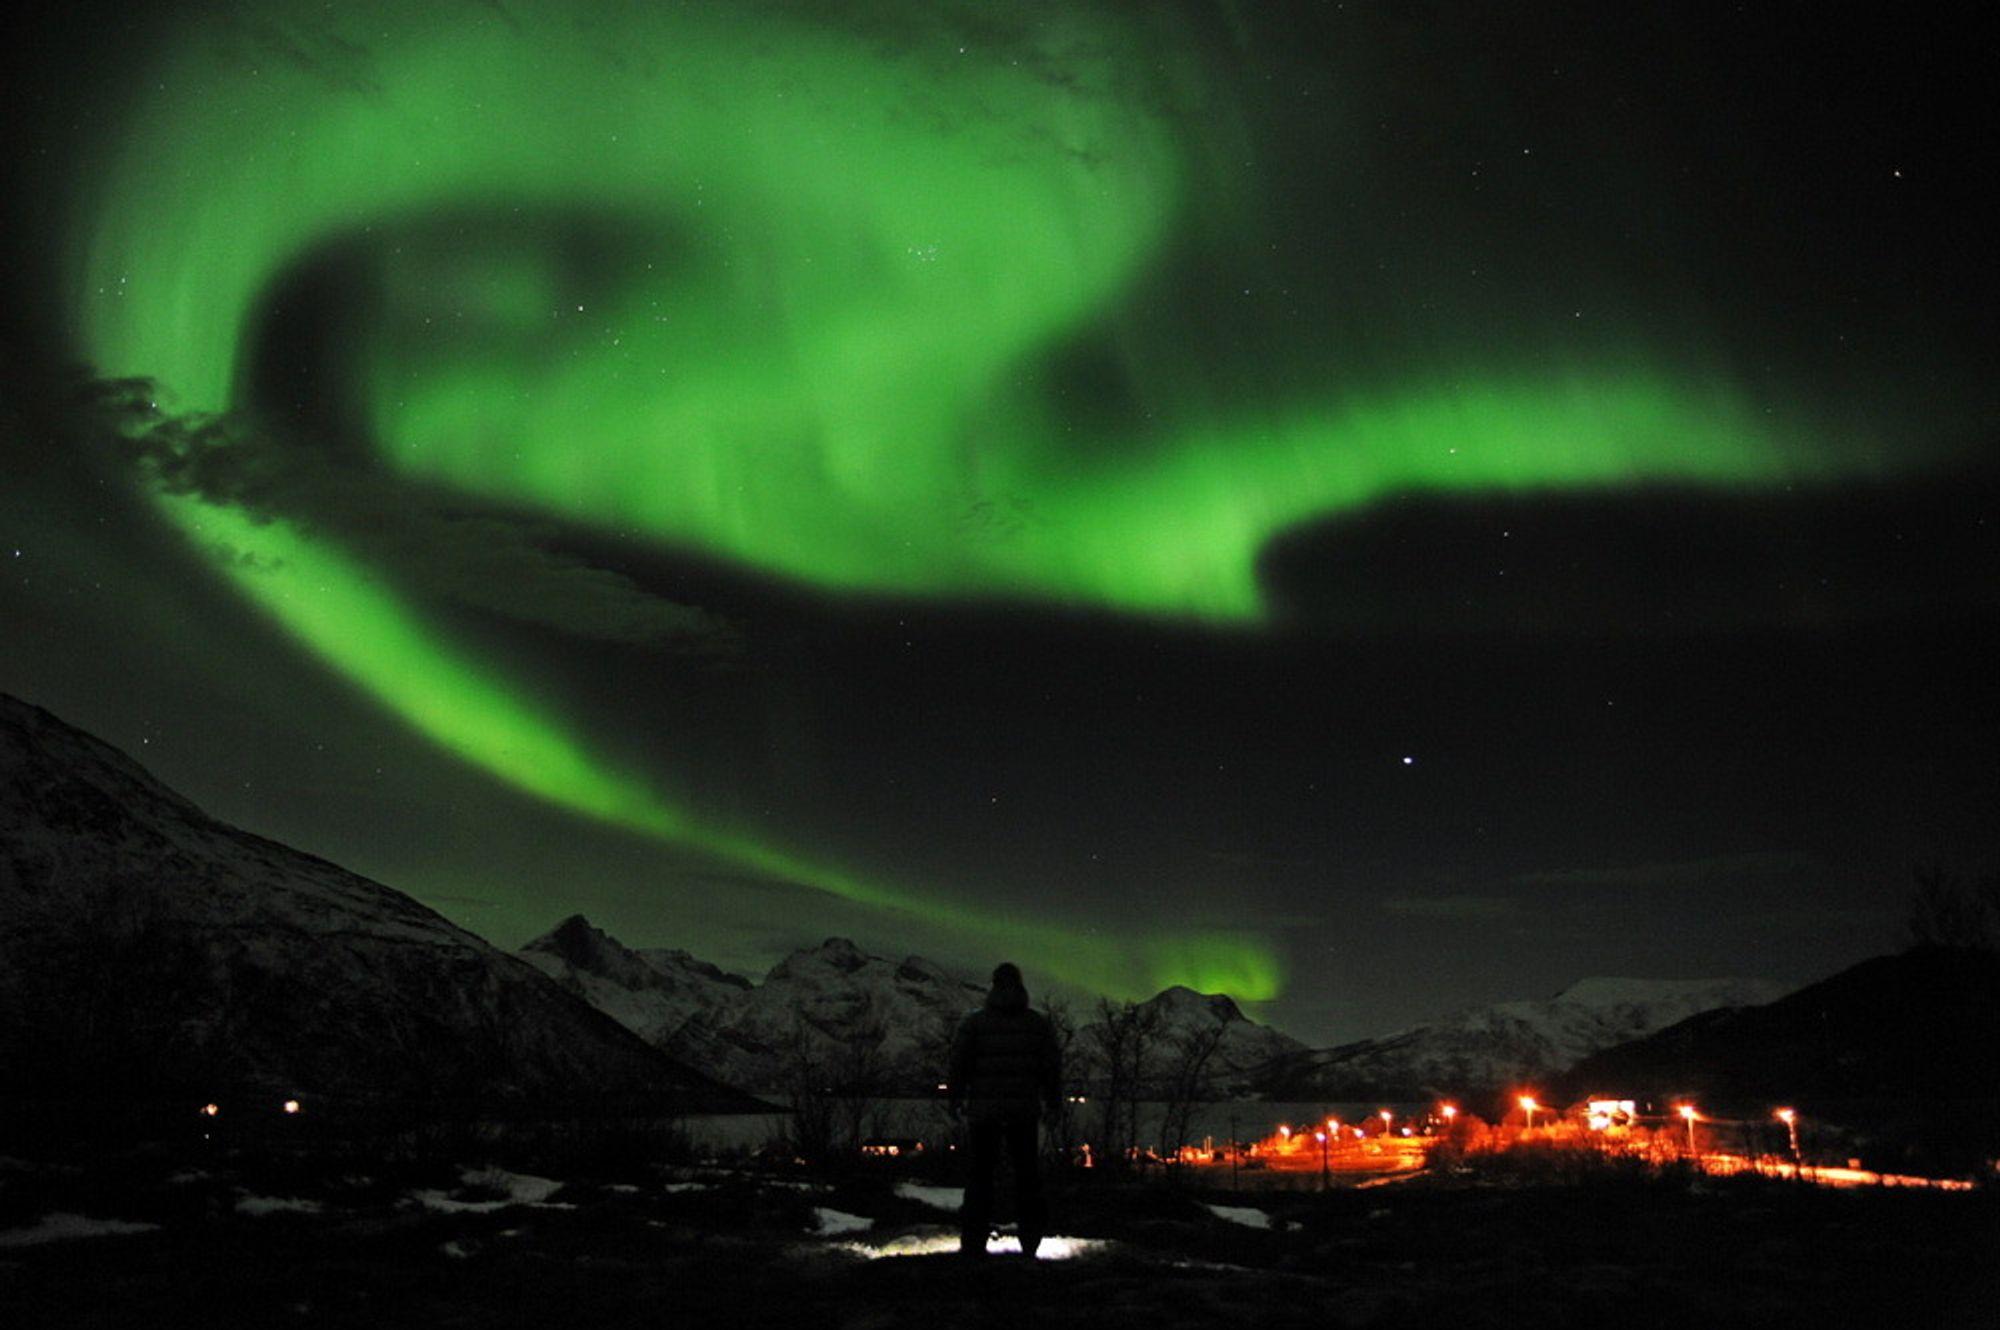 De neste årene er det mer nordlys i vente, ifølge Pål Brekke ved Norsk Romsenter